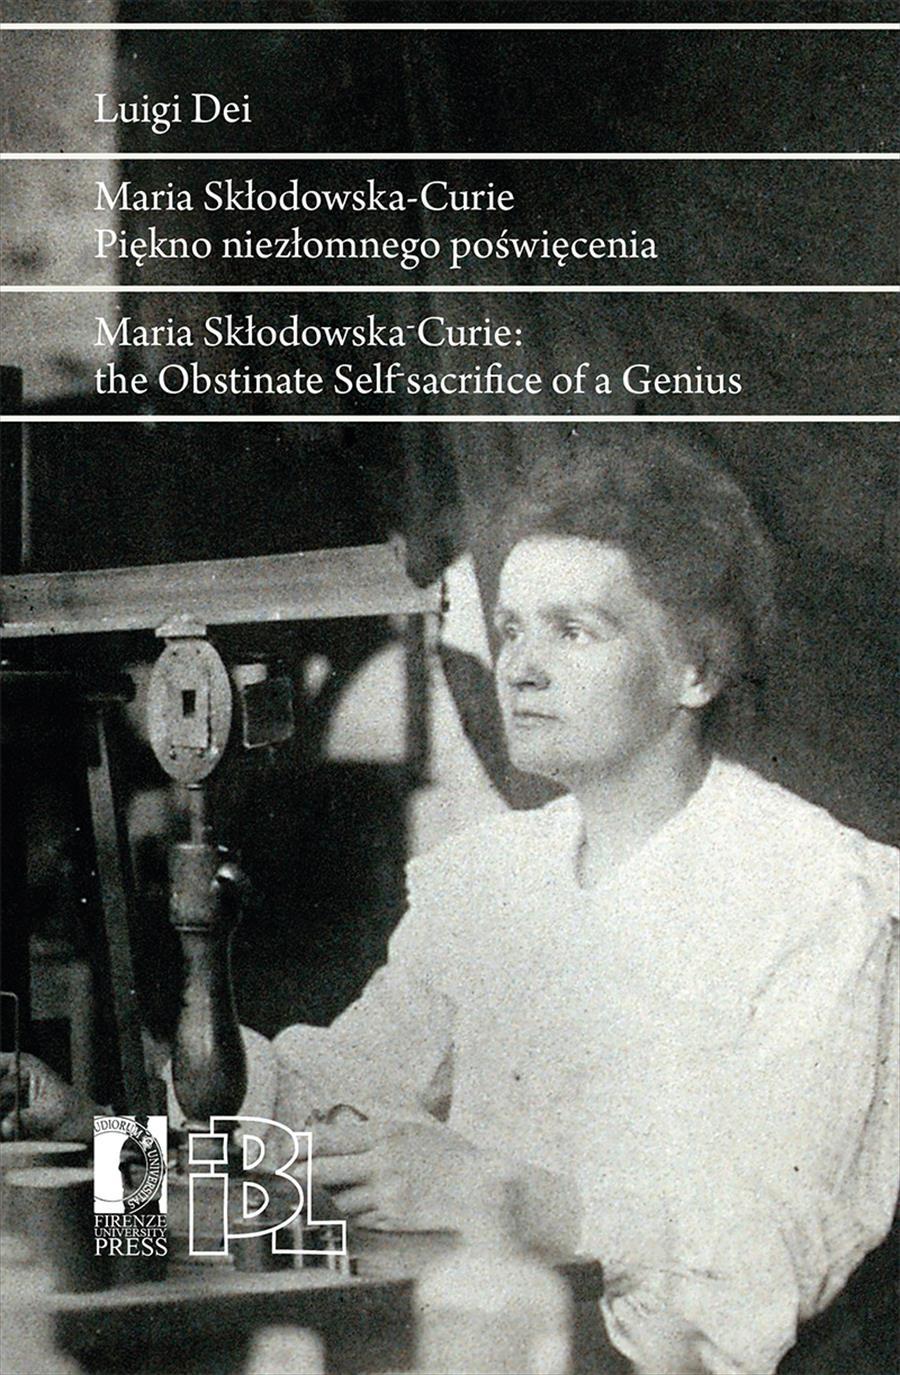 Maria Skłodowska-Curie. Piękno niezłomnego poświęcenia / Maria Skłodowska-Curie. The Obstinate Self‑sacrifice of a Genius